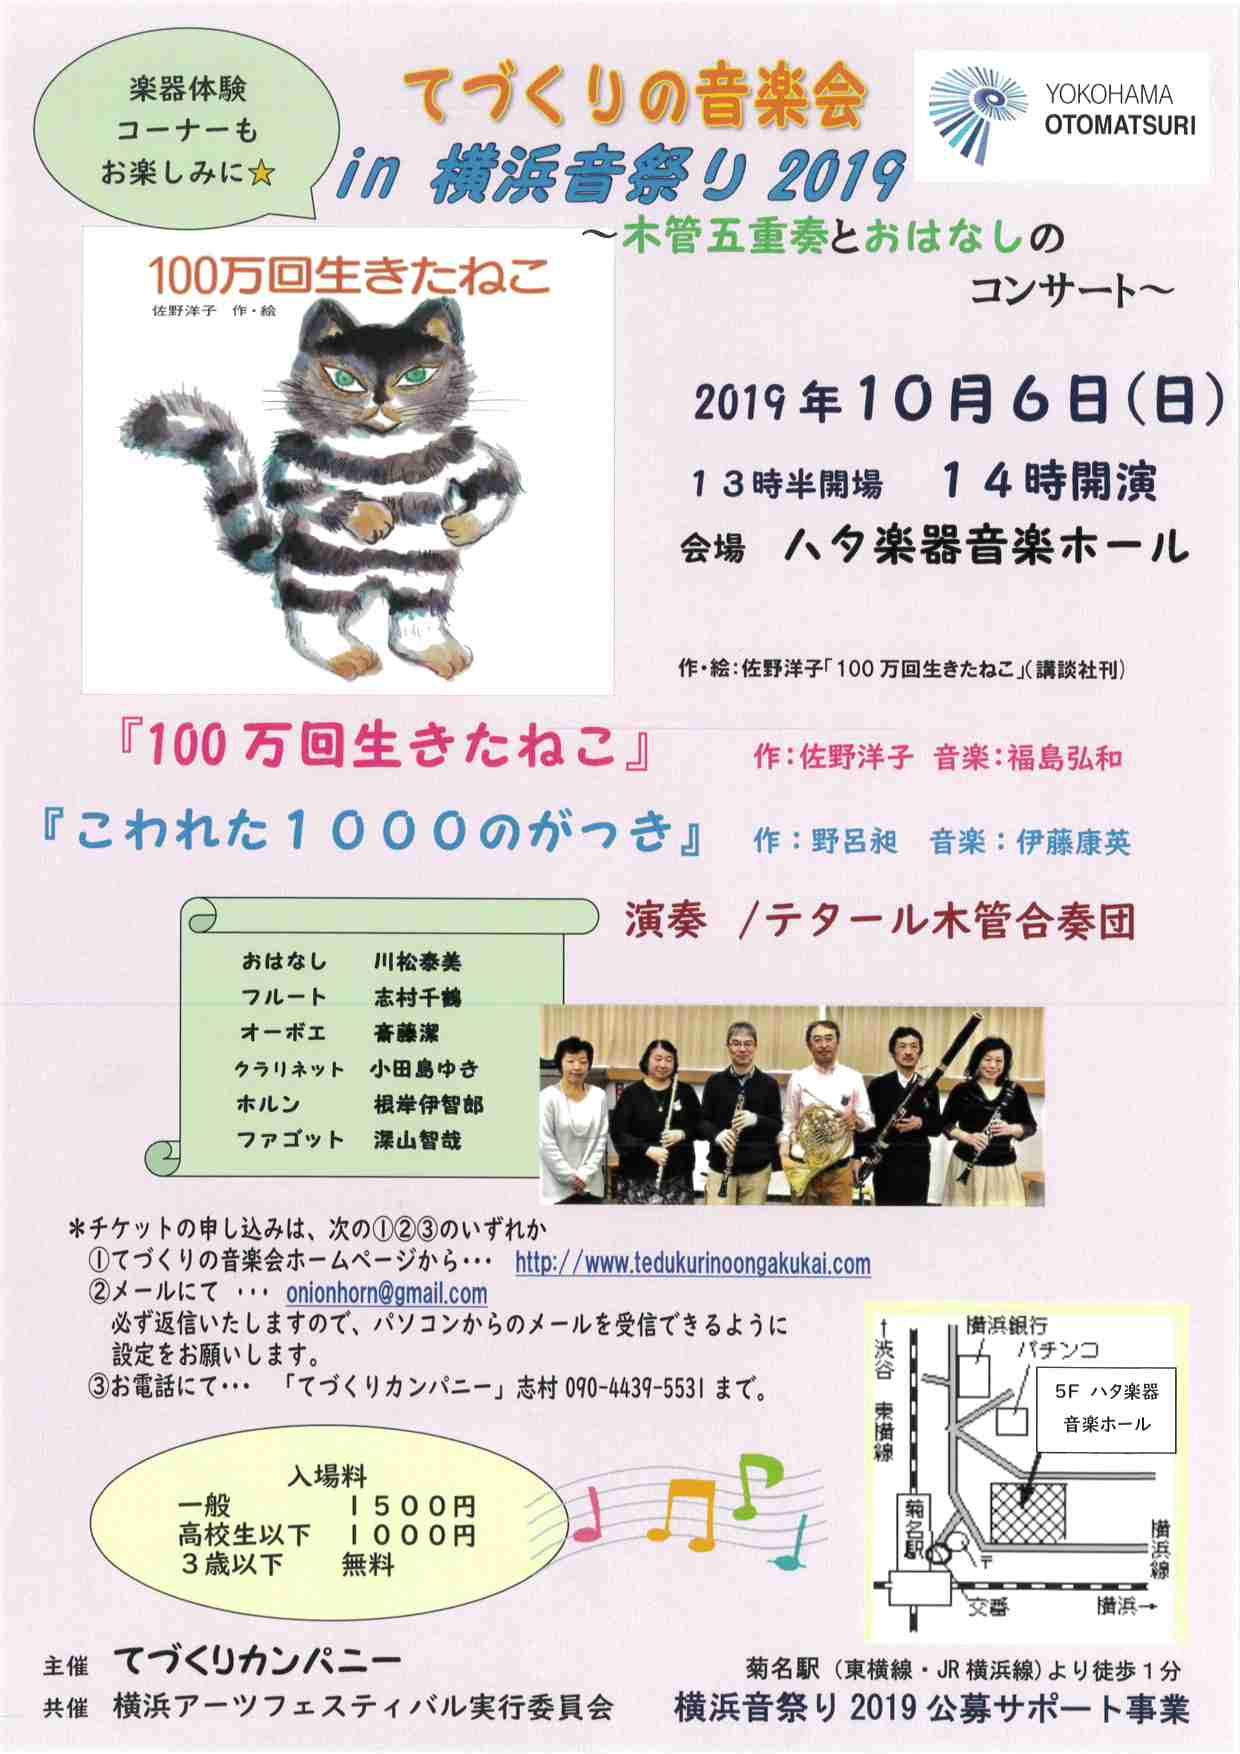 てづくりの音楽会 in 横浜音祭り 2019~木管五重奏とおはなしのコンサート~